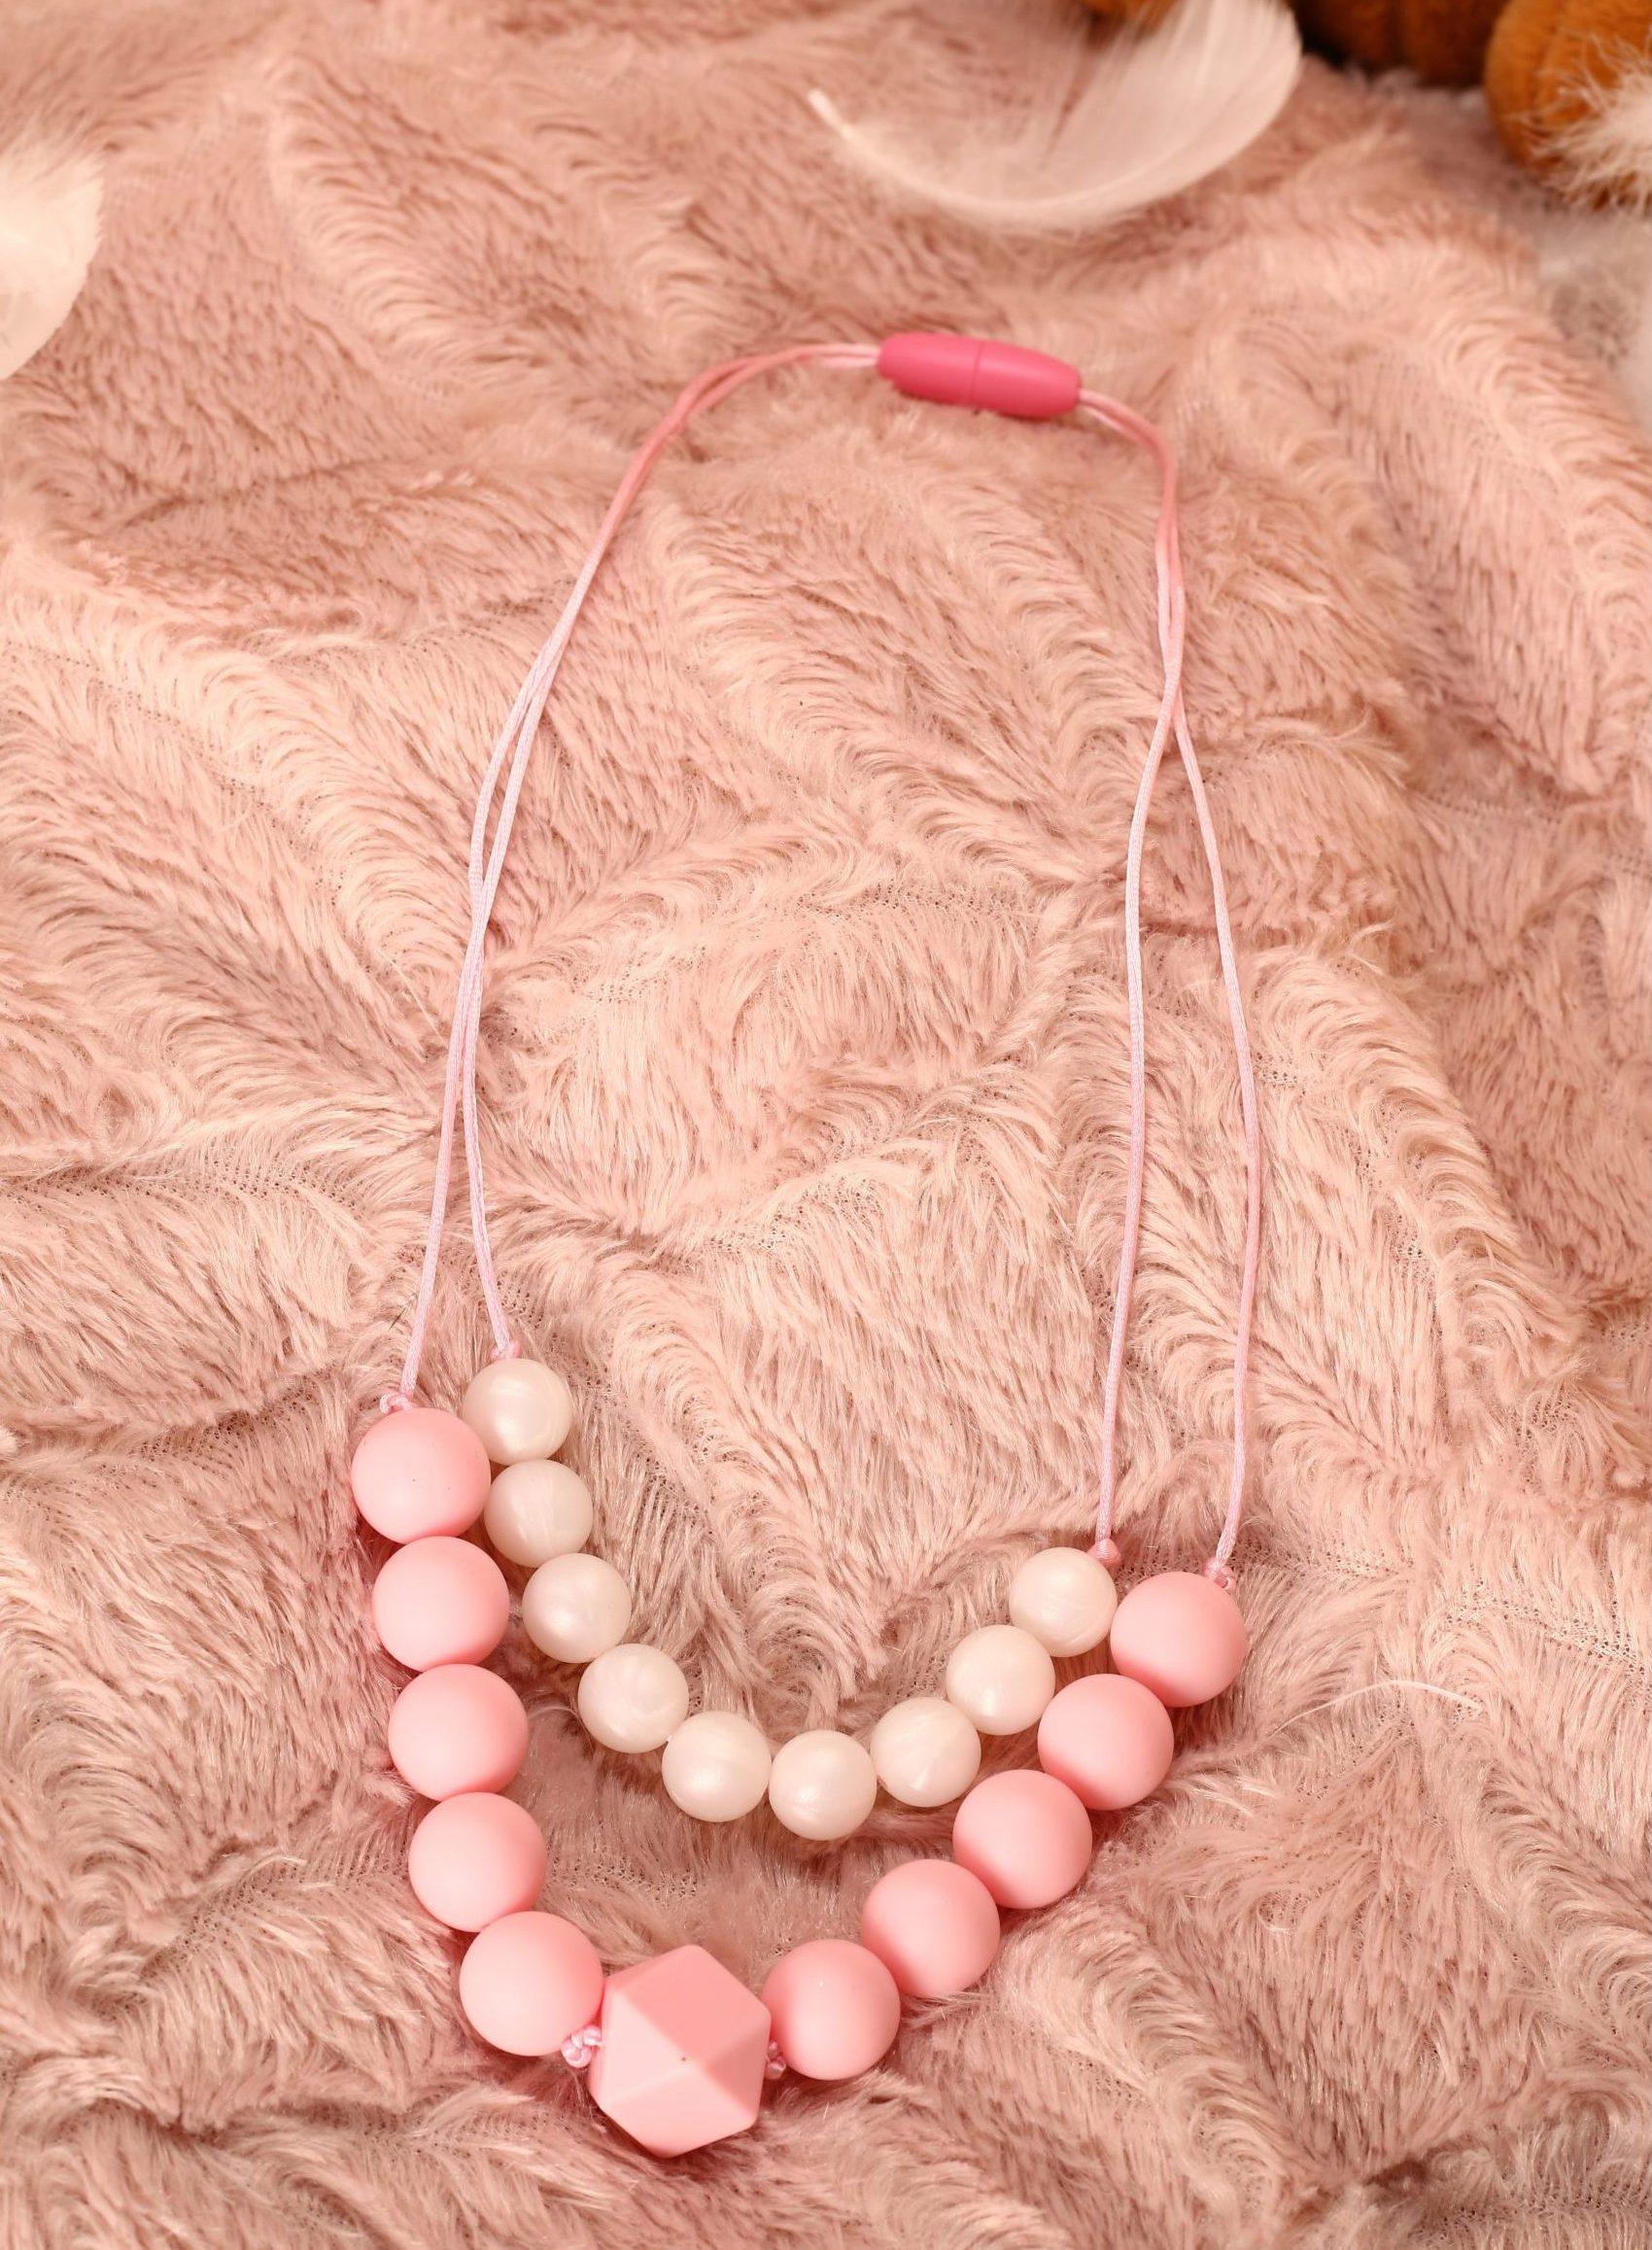 Collier de portage et d'allaitement silicone fait main - double rang blanc et rose. Calino Crea